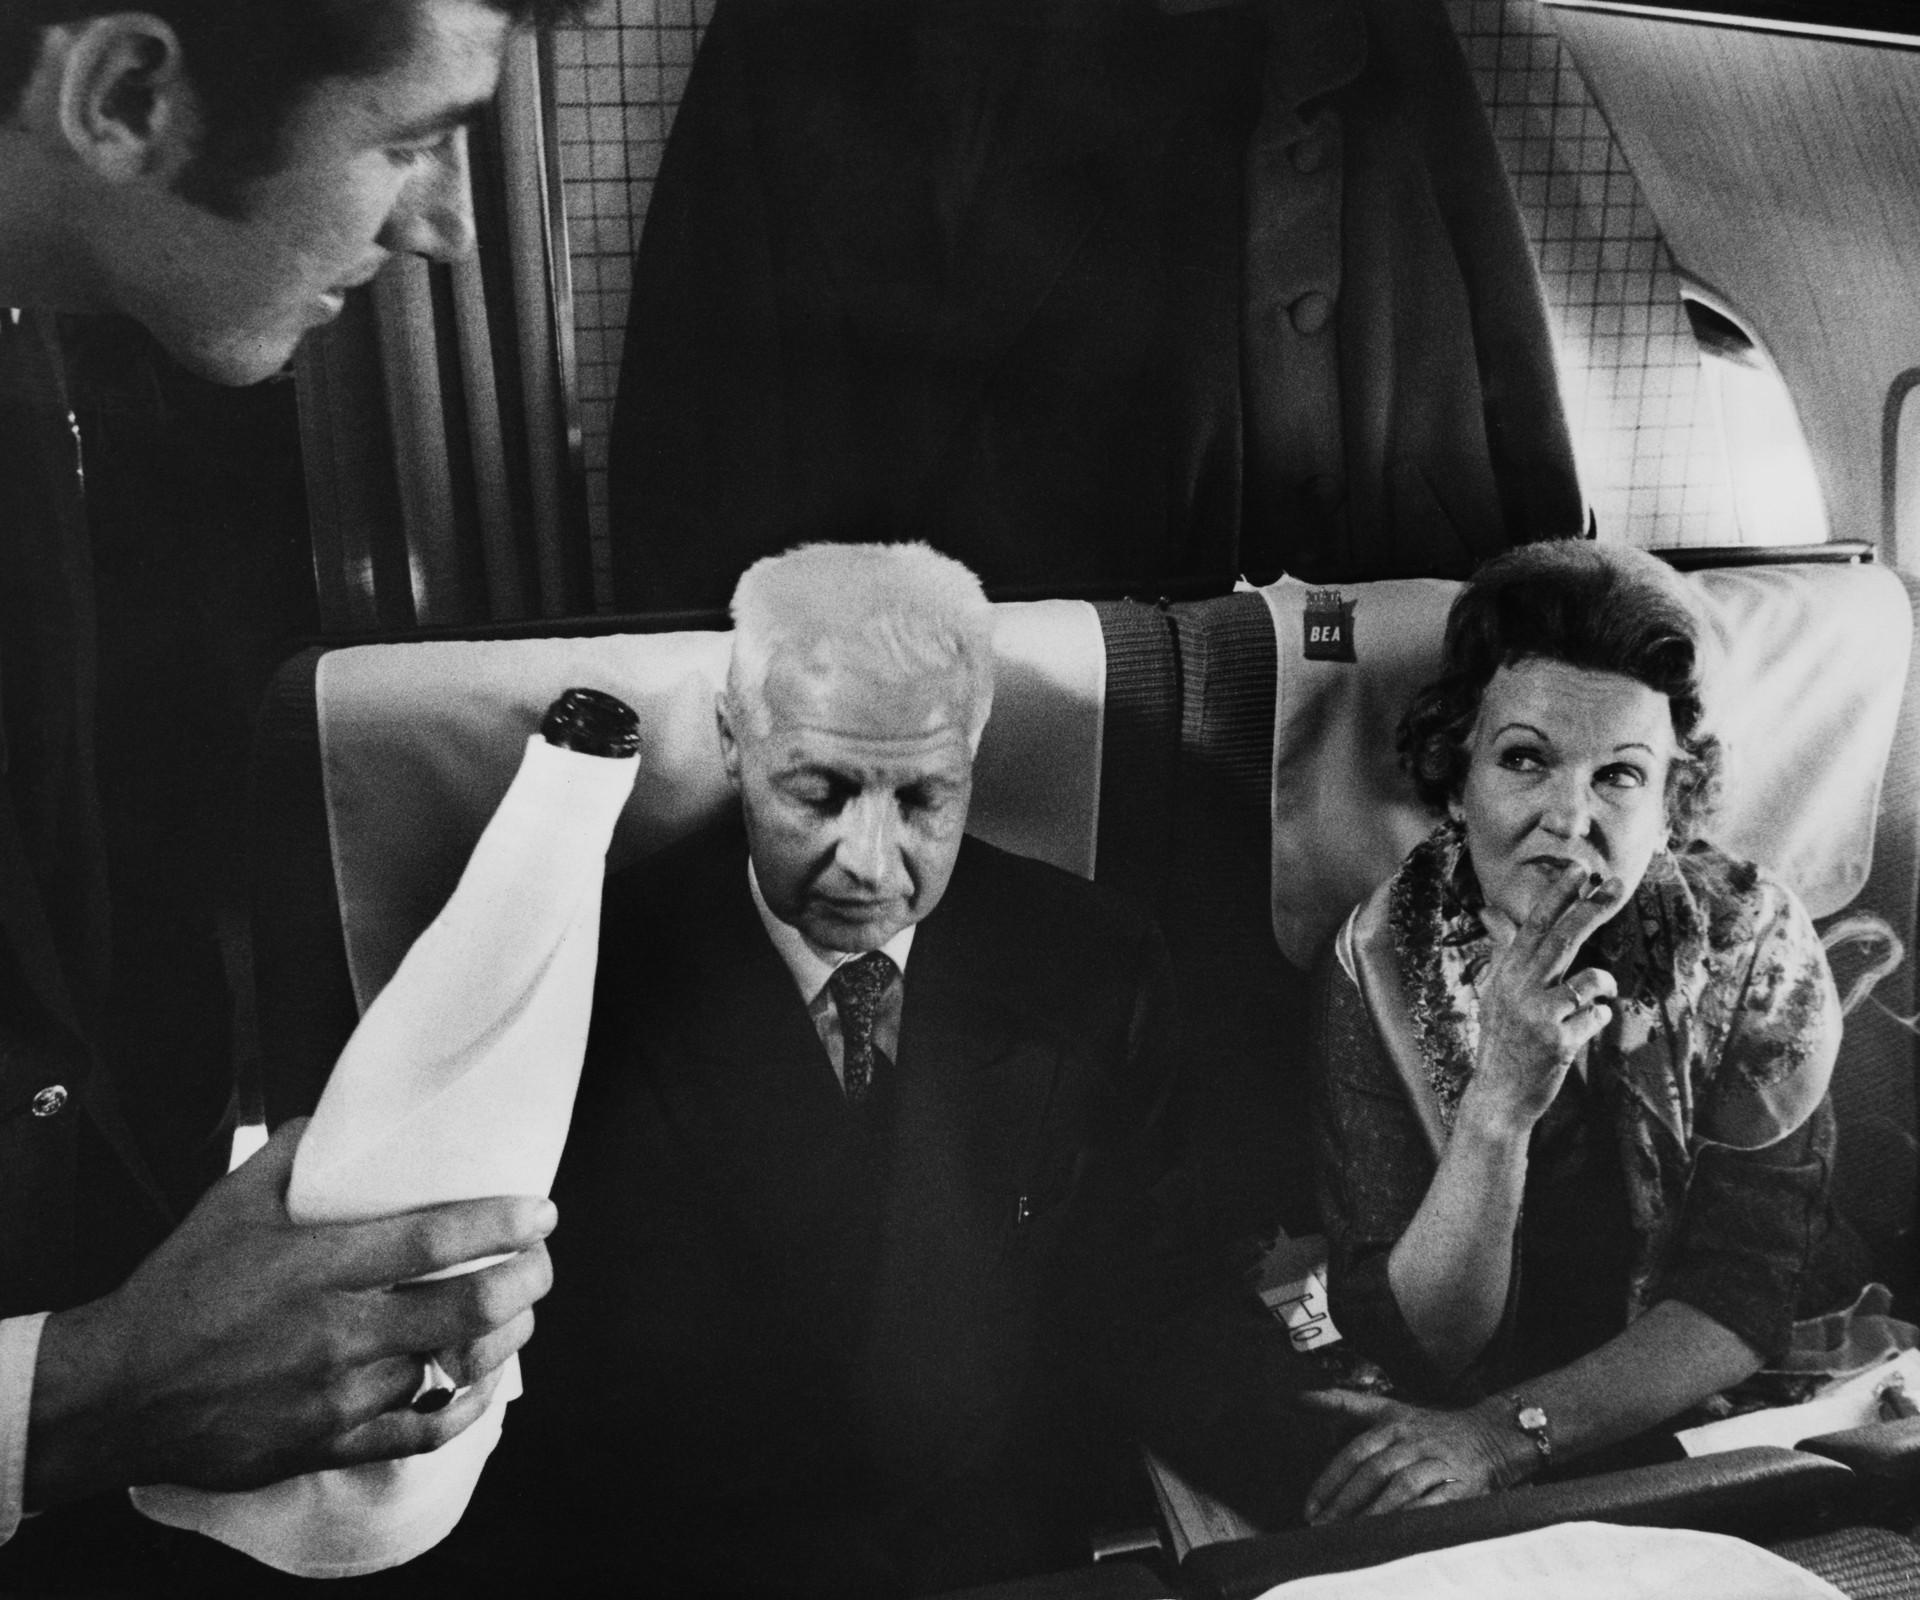 Fumar no avião era permitido